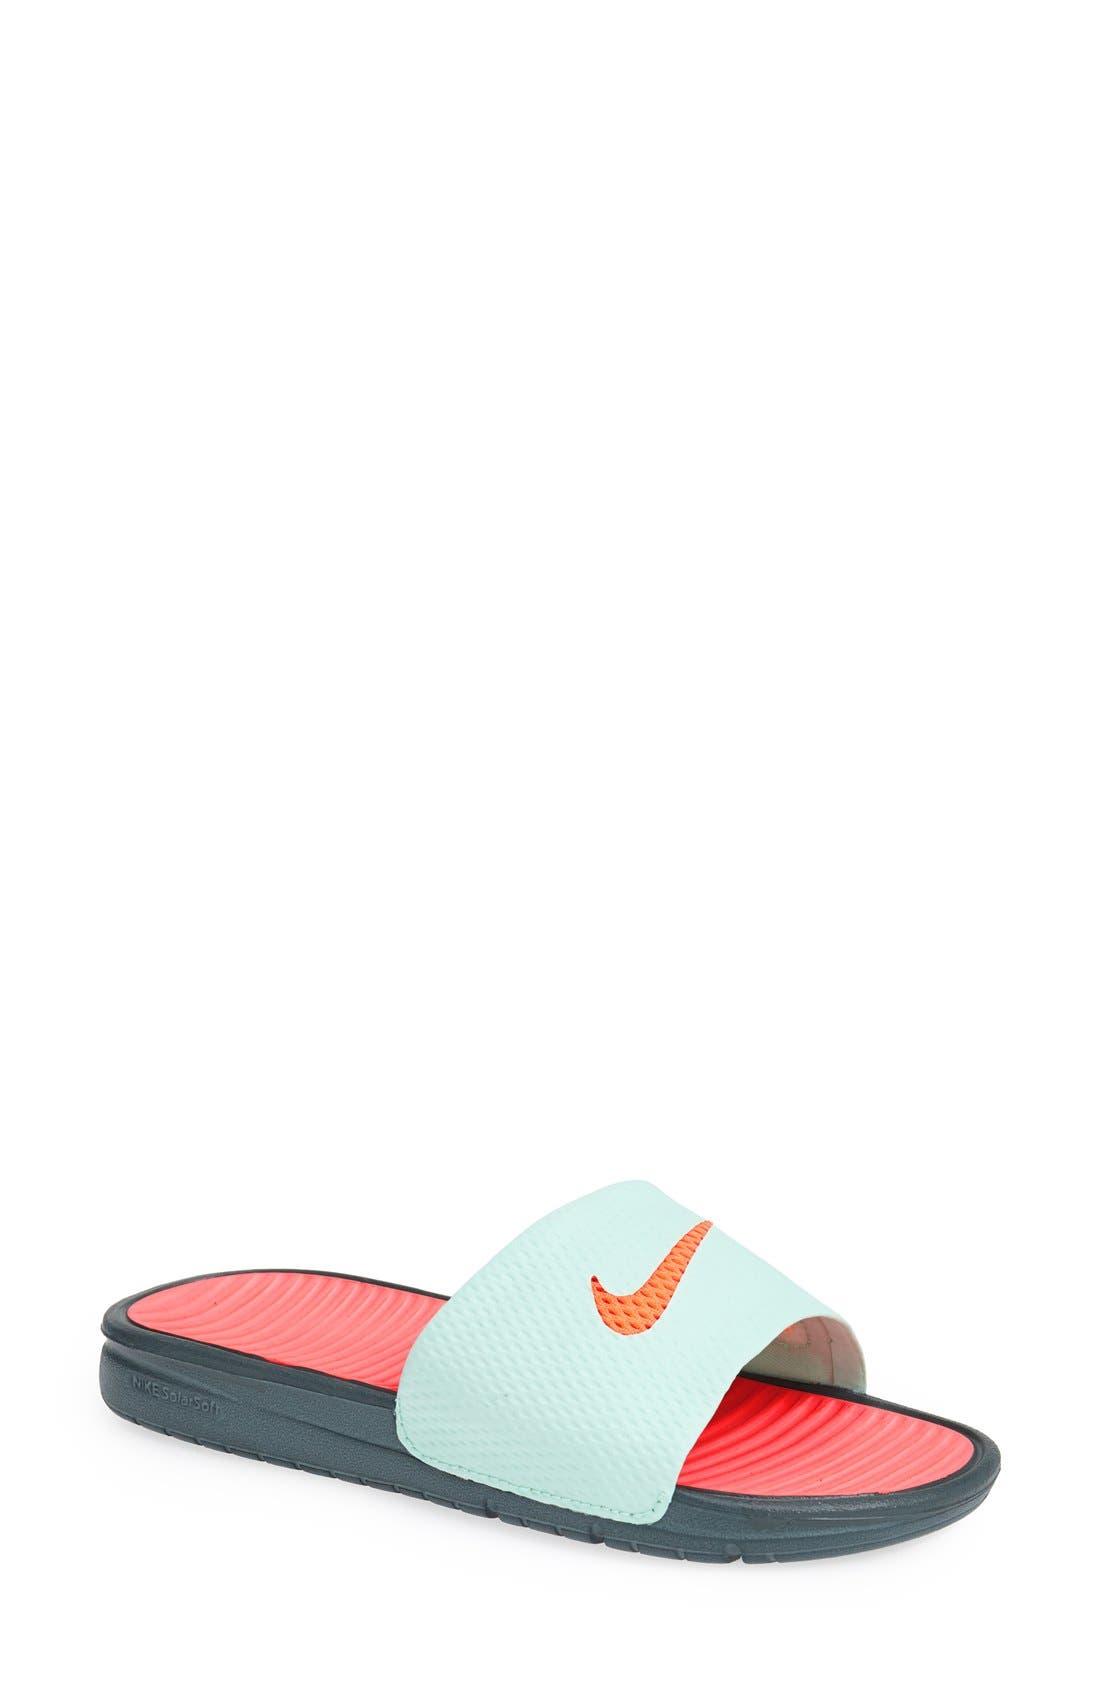 Alternate Image 1 Selected - Nike 'Benassi - Solarsoft' Slide Sandal (Women)